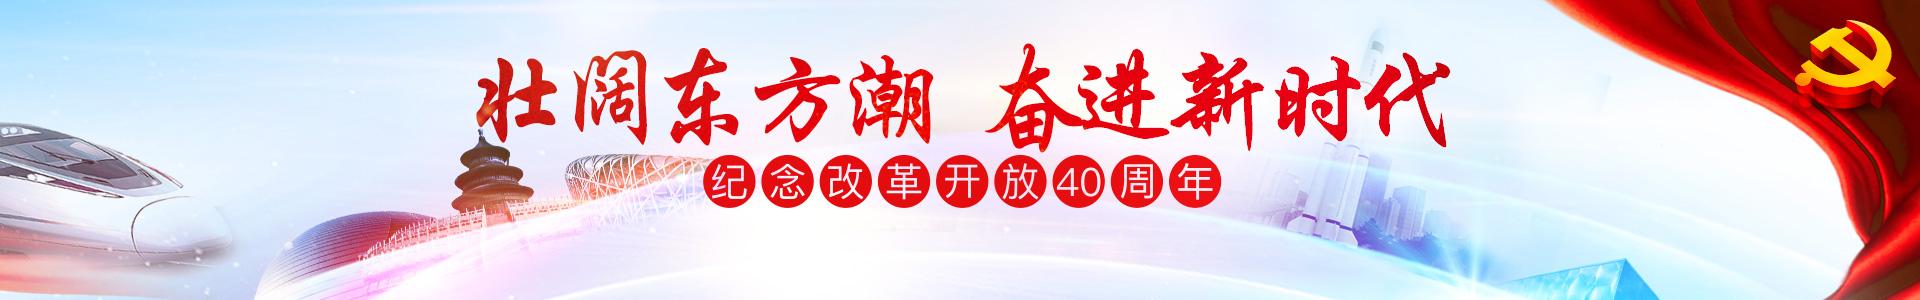 壮阔东方潮